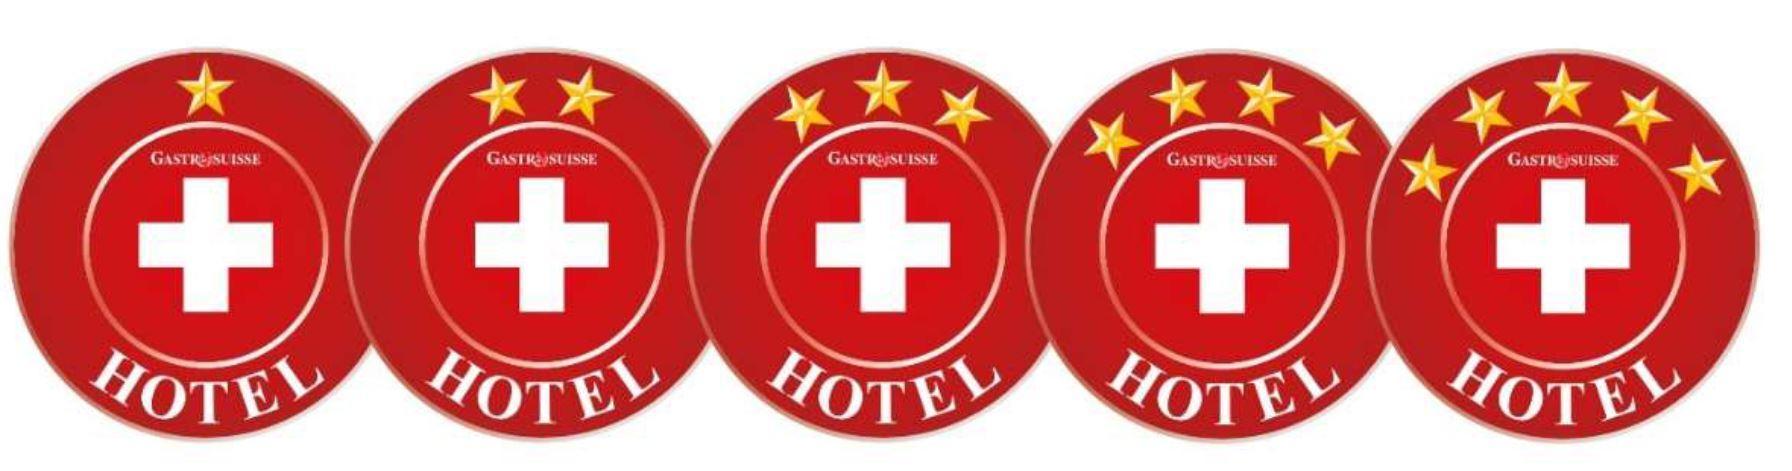 hotel for renting 4 star hotel activ gastro real estate gastrosuisse